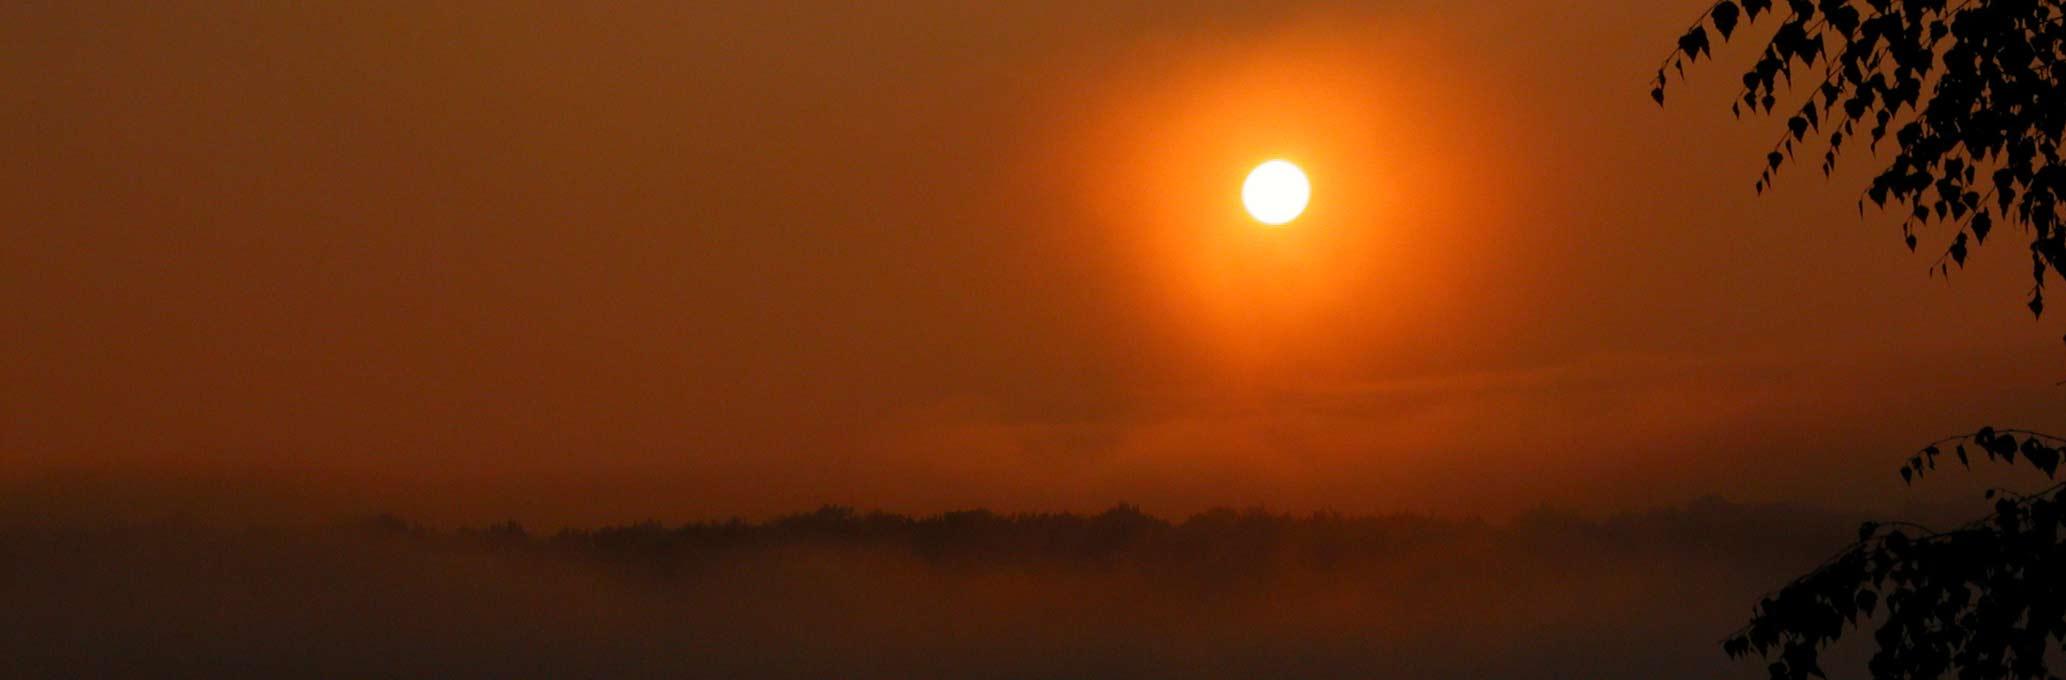 Links, Schamanismus e.V. - Sonnenaufgang und Morgennebel, Links zum neuen Tag